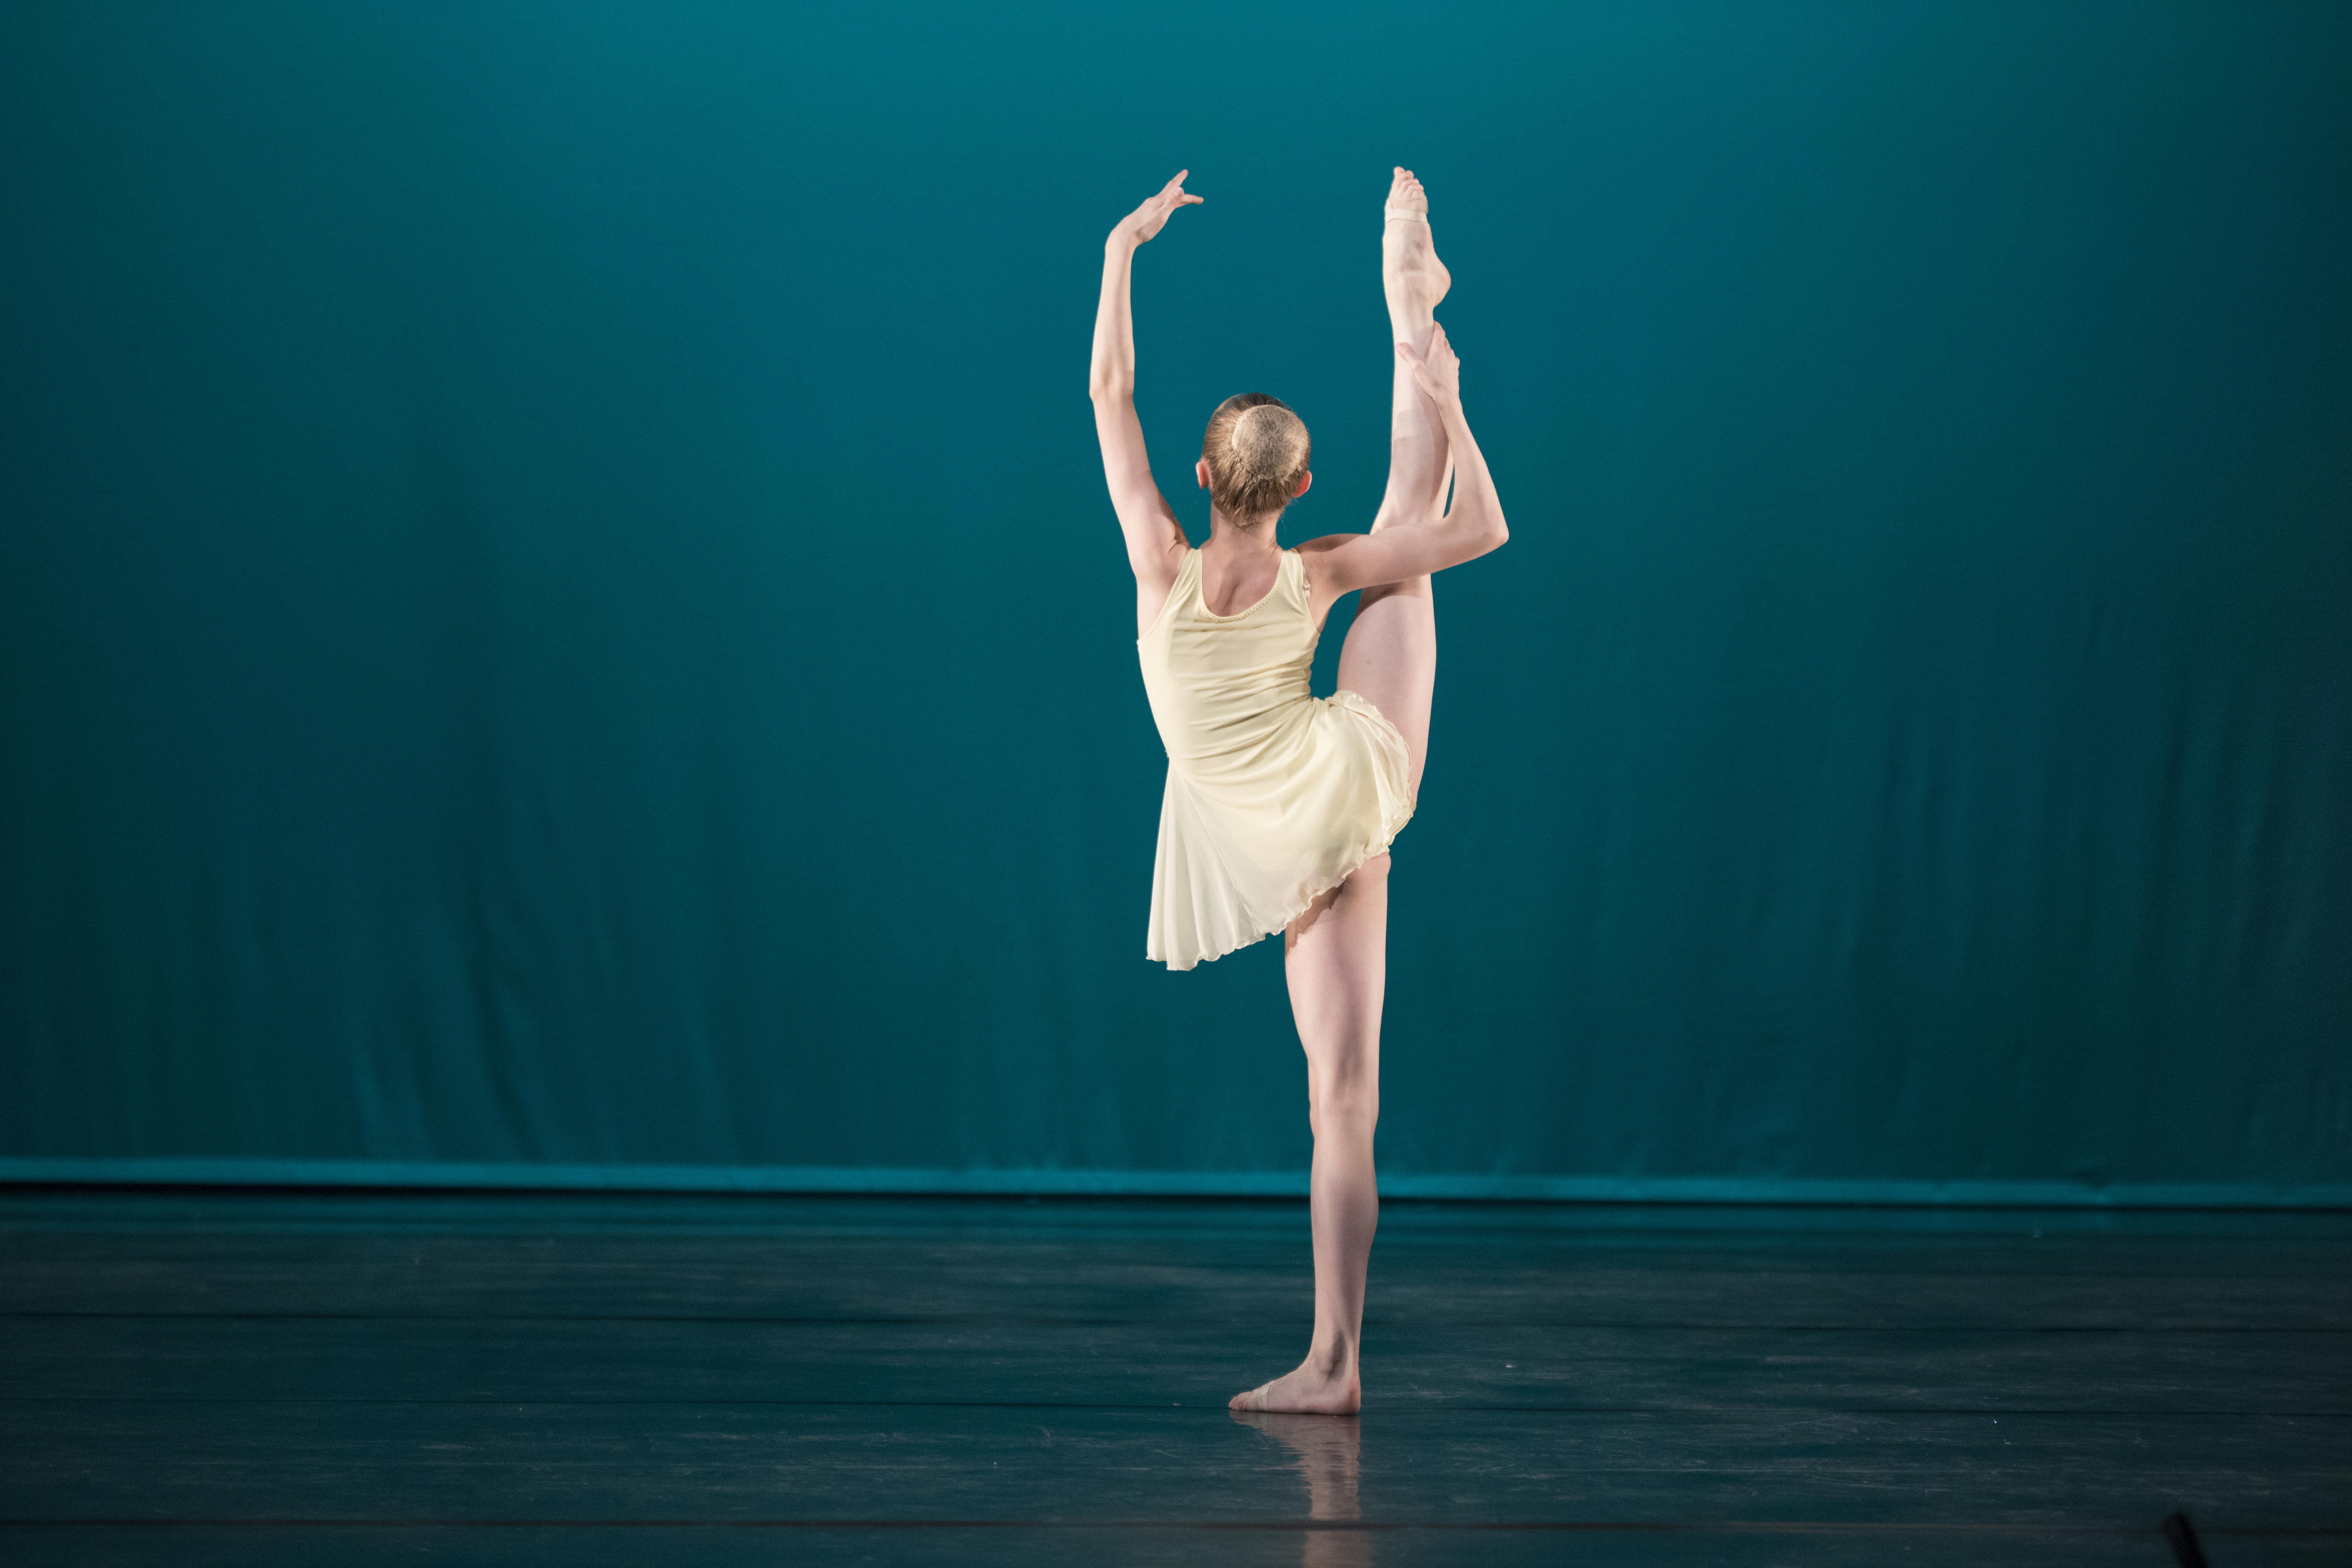 Girl Holding Leg